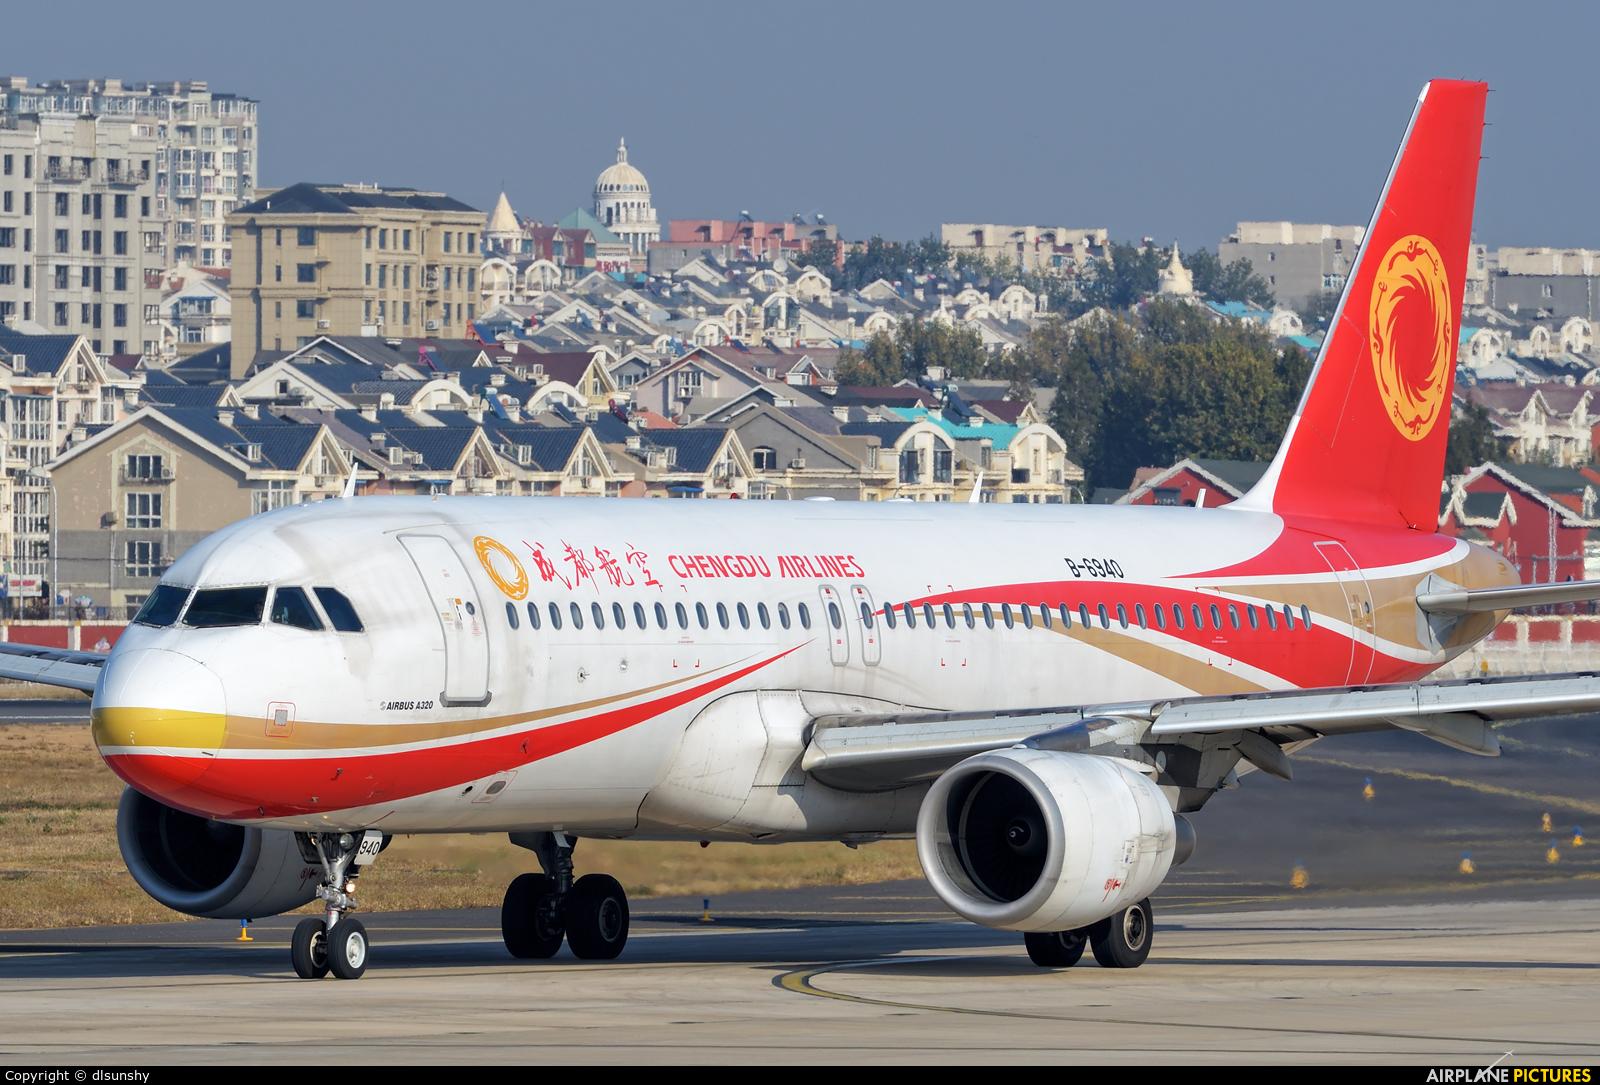 Chengdu Airlines B-6940 aircraft at Dalian Zhoushuizi Int'l